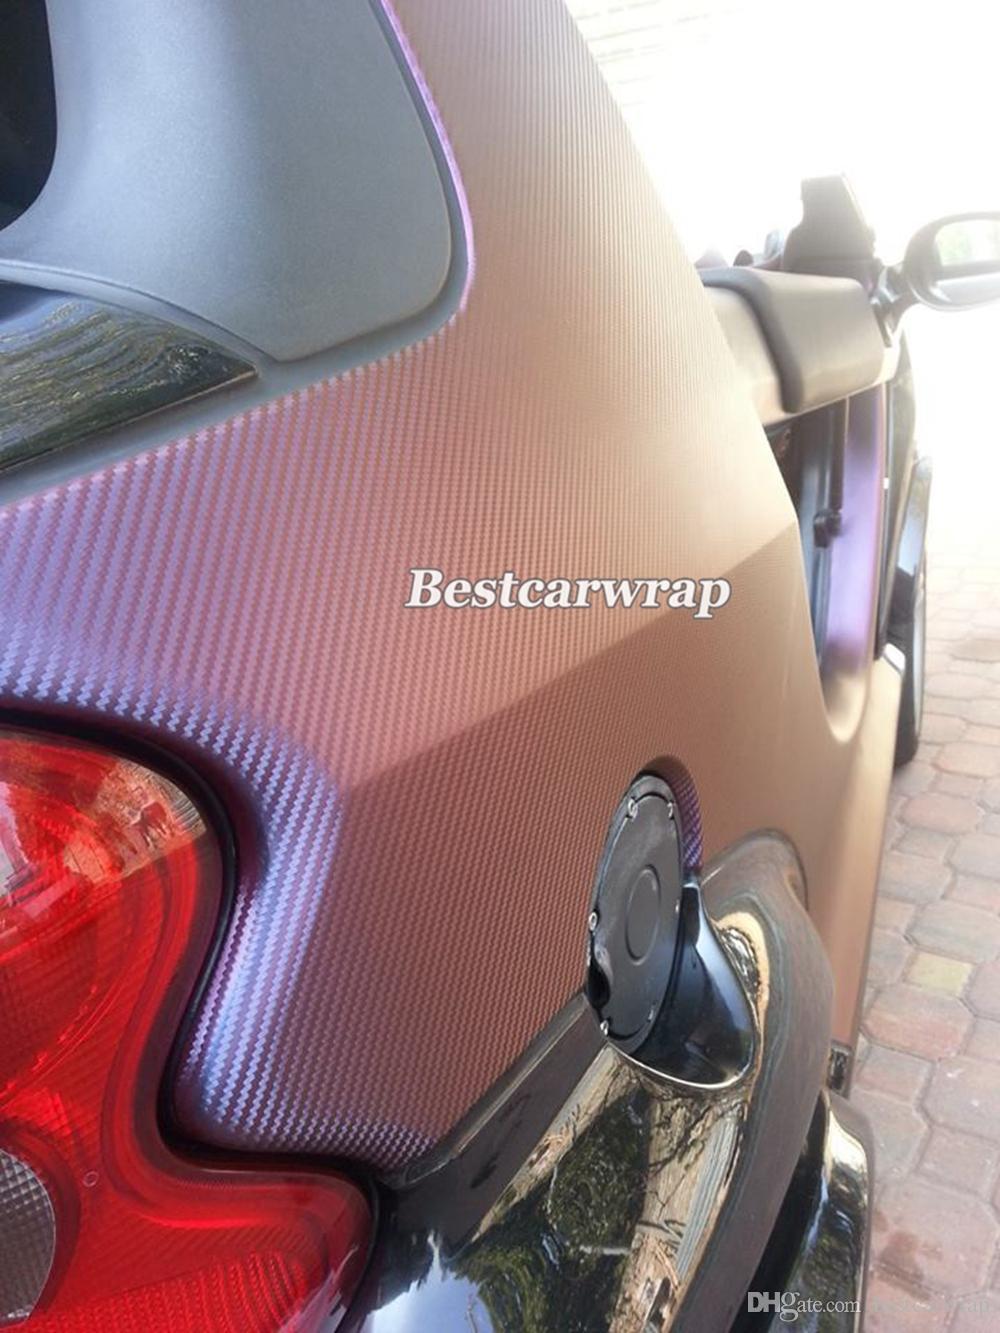 Брозенный фиолетовый хамелеон 3d углеродного волокна винил с воздушным пузырем бесплатно для автомобиля виниловая пленка, покрывающая фольга размером 1.52x30m 4,98x98ft